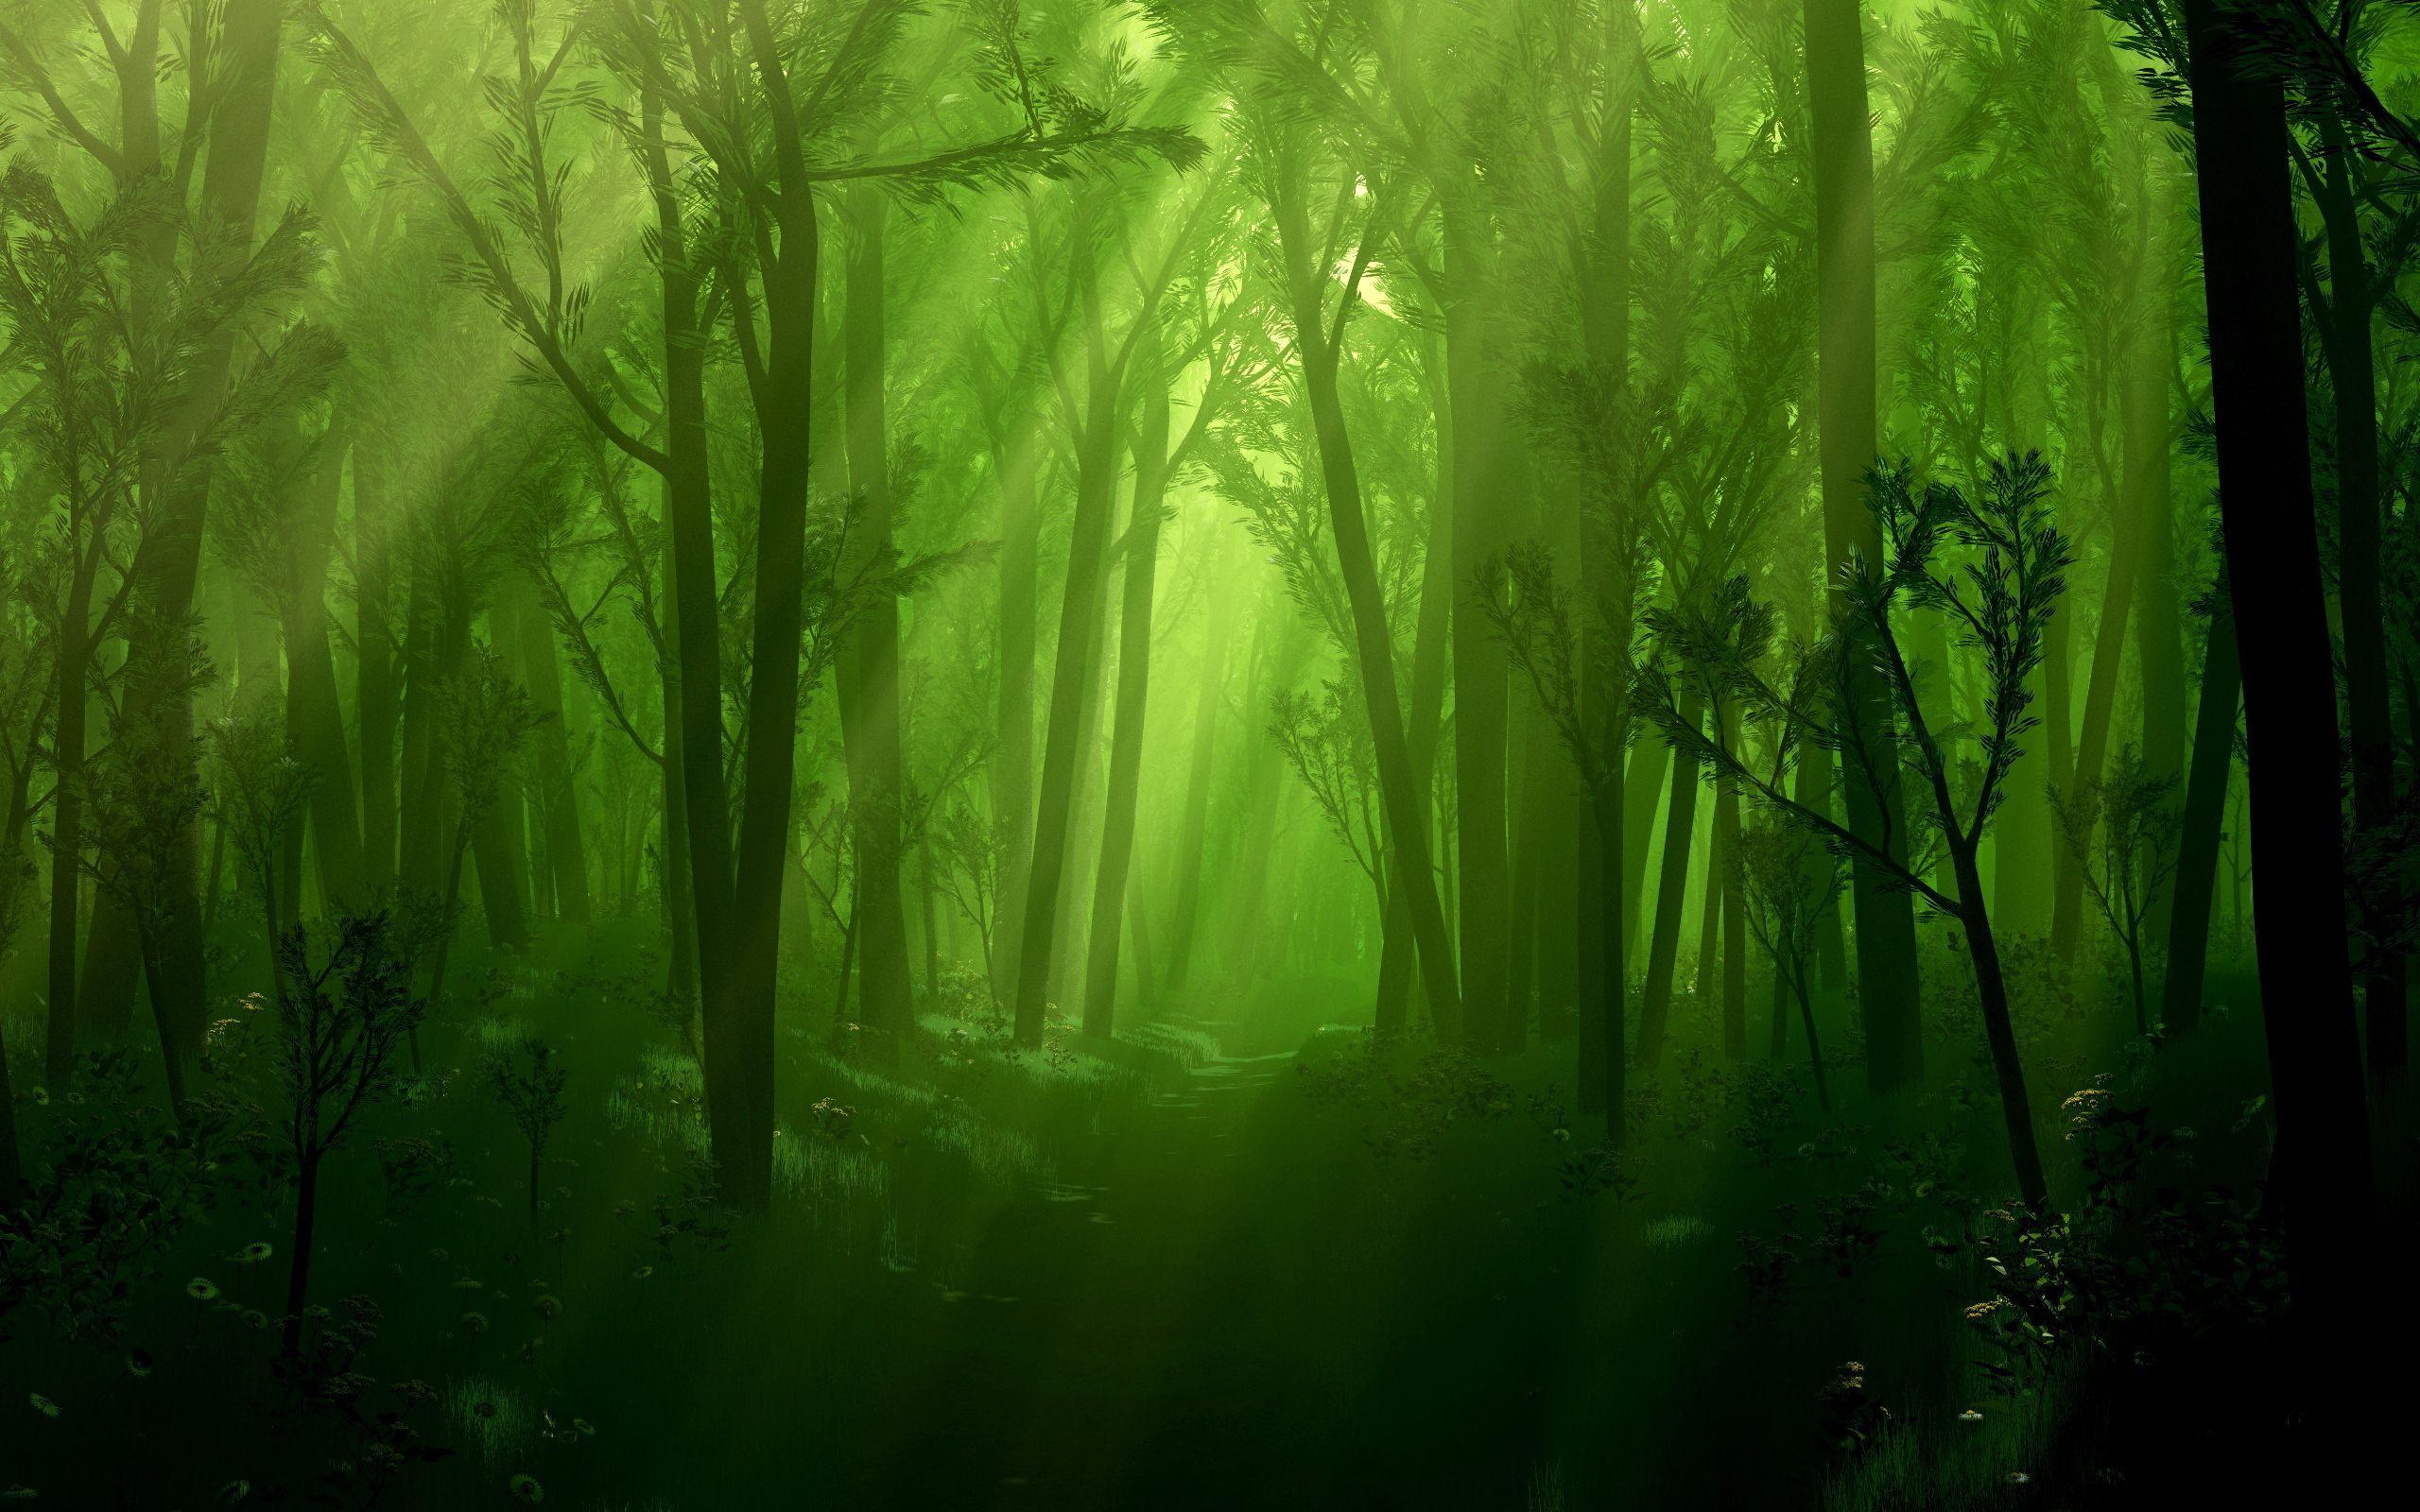 2560x1600 Khu rừng bị mê hoặc tối tăm